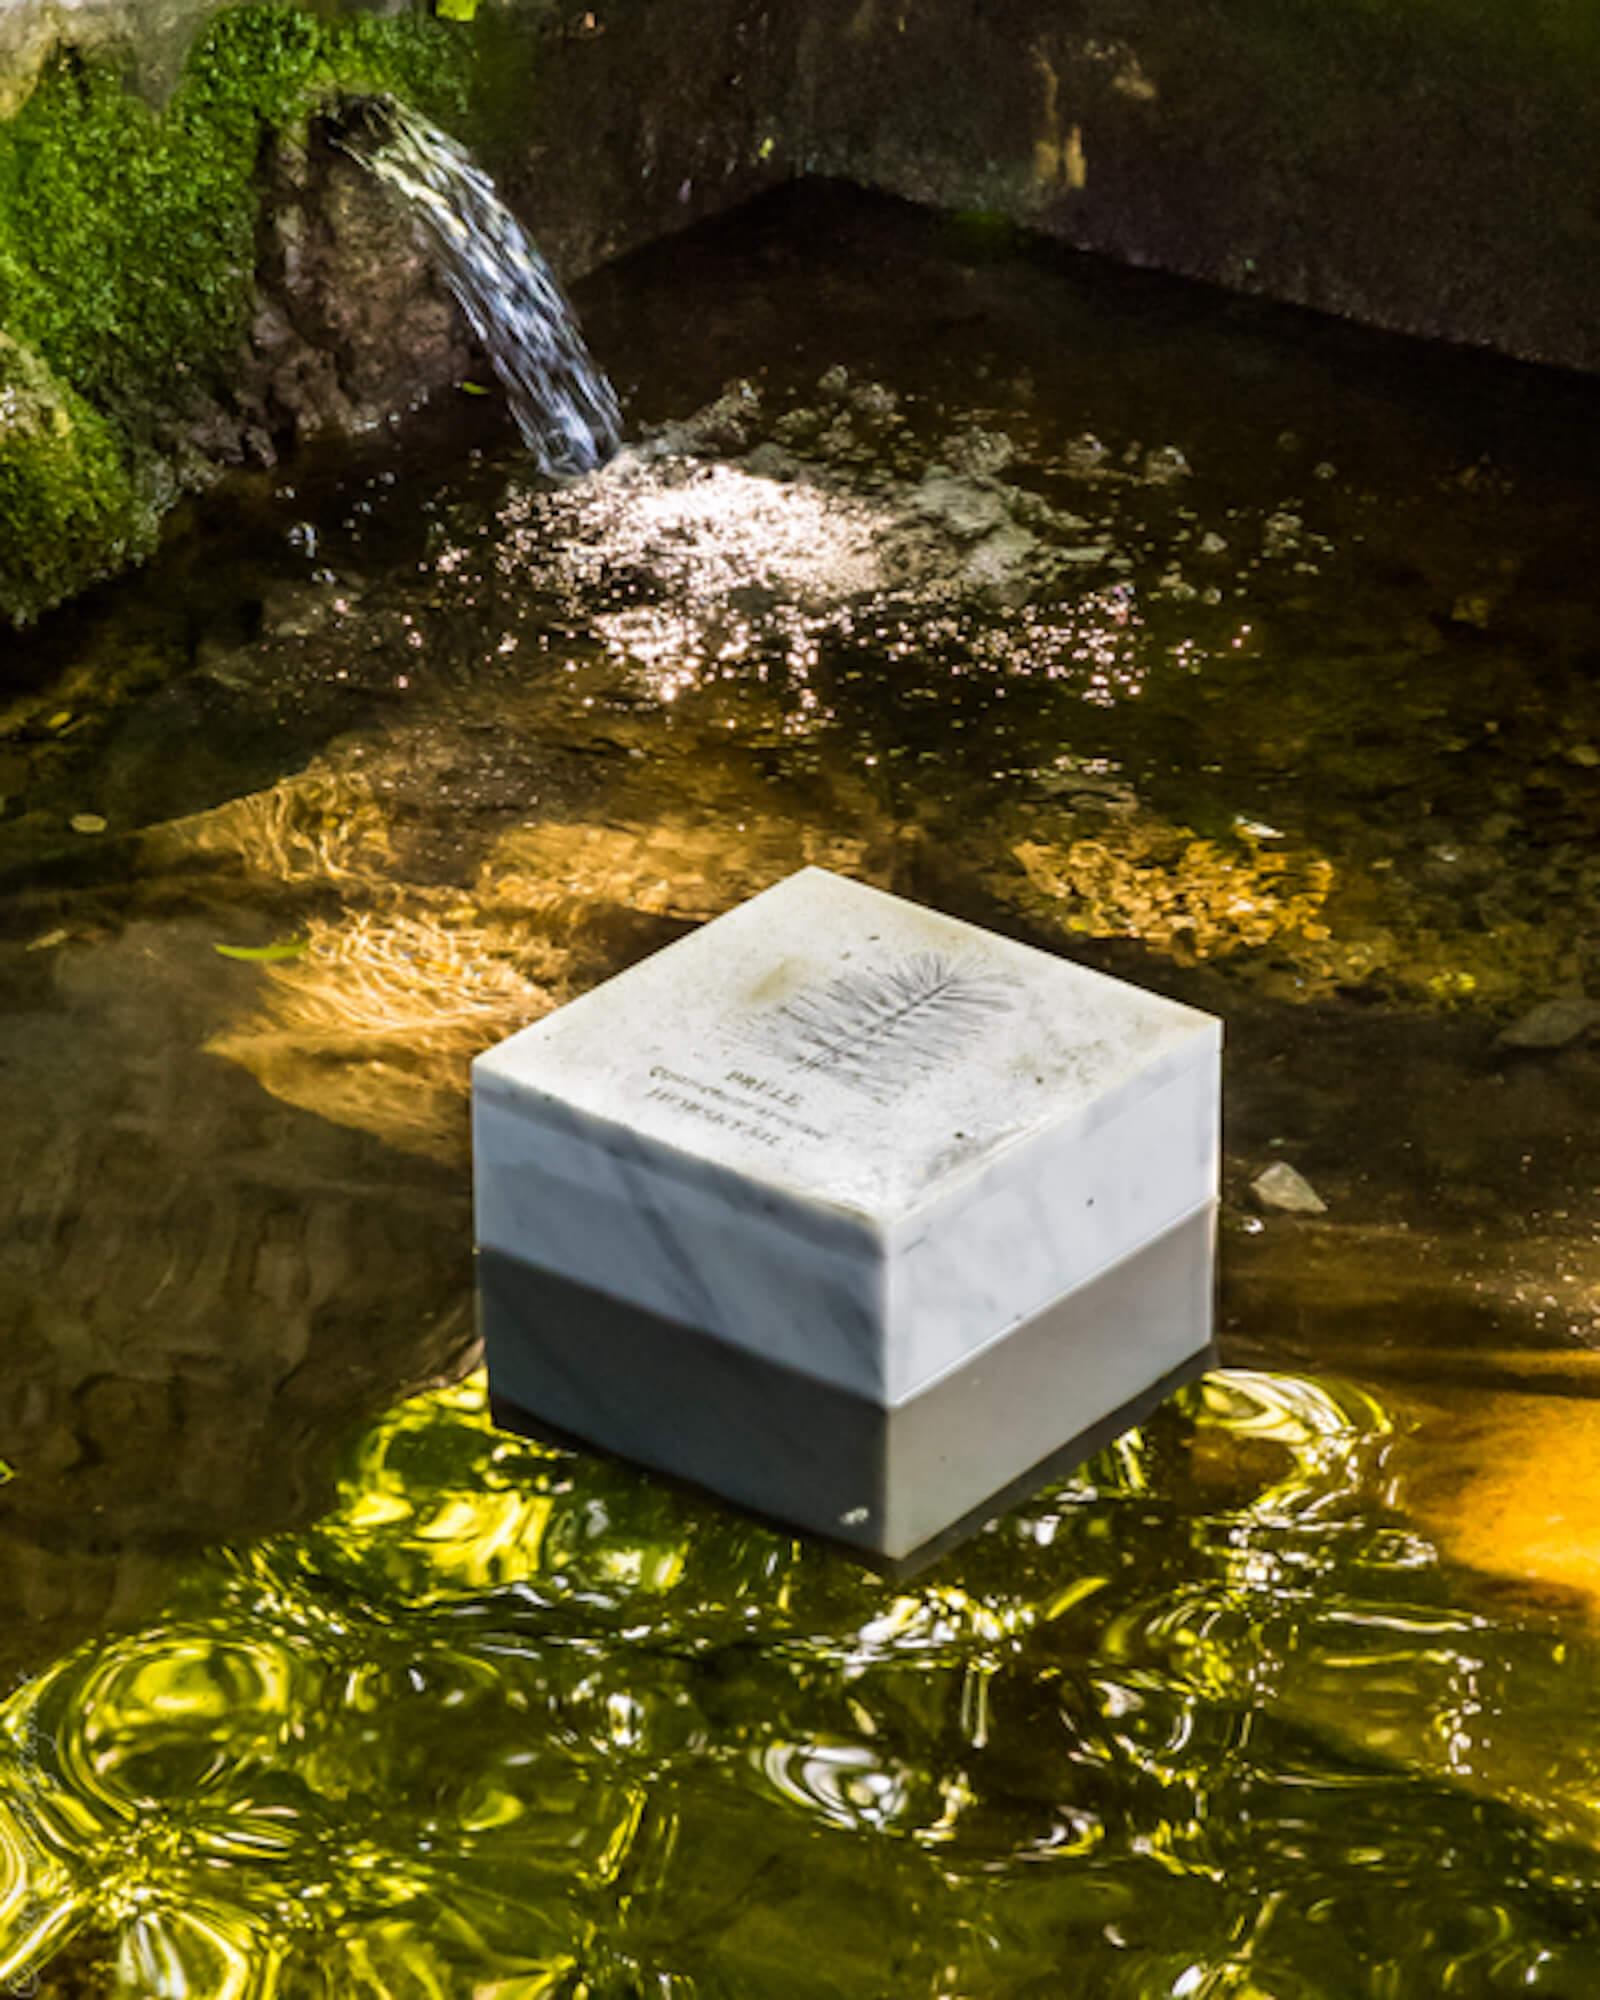 Bloc de marbre gravé posé dans l'eau d'un lavoir en pierre. L'eau reflète la verdure de la végétation.